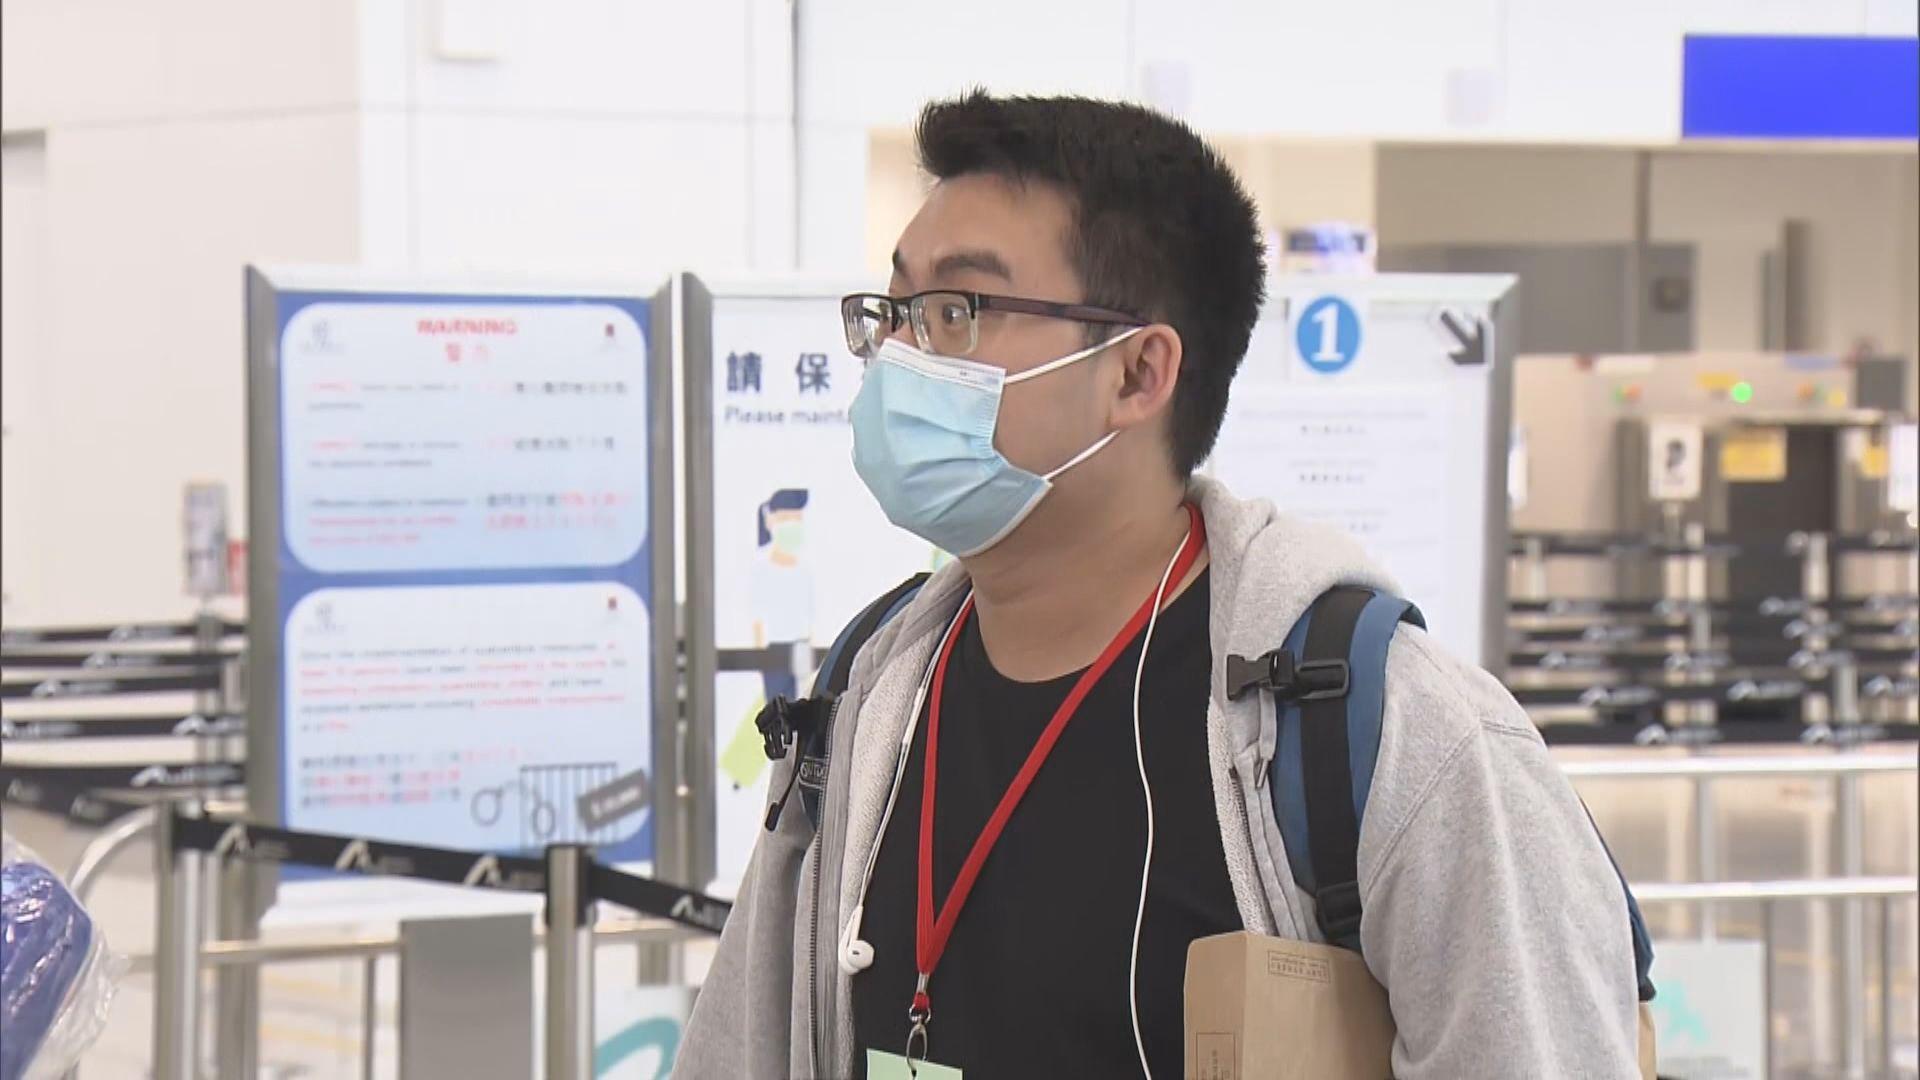 強制檢疫期由14天增至21天 返港市民批推行過急